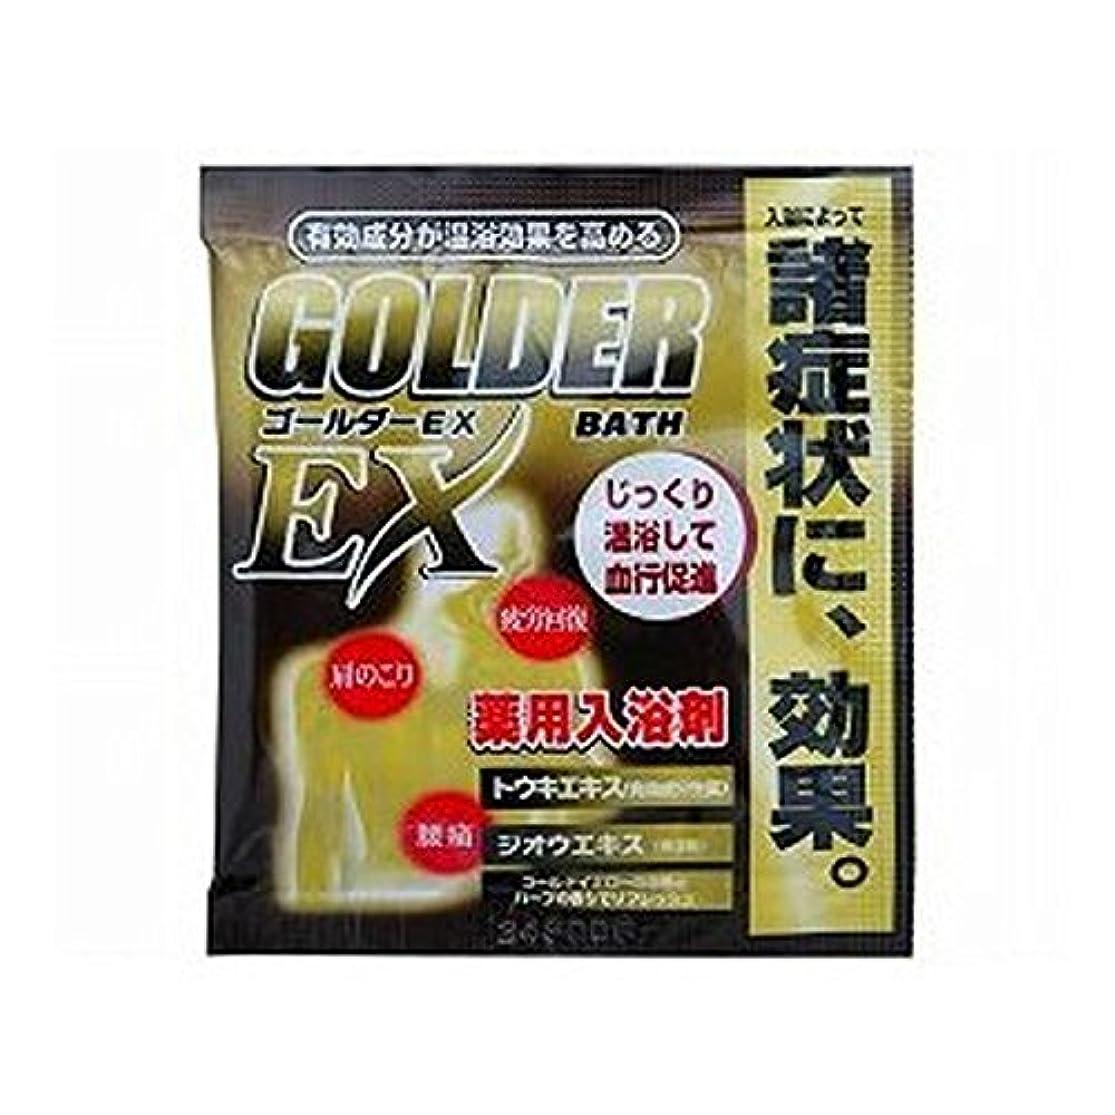 スクラップ批判的検出するゴールダーEX 25g(入浴剤)